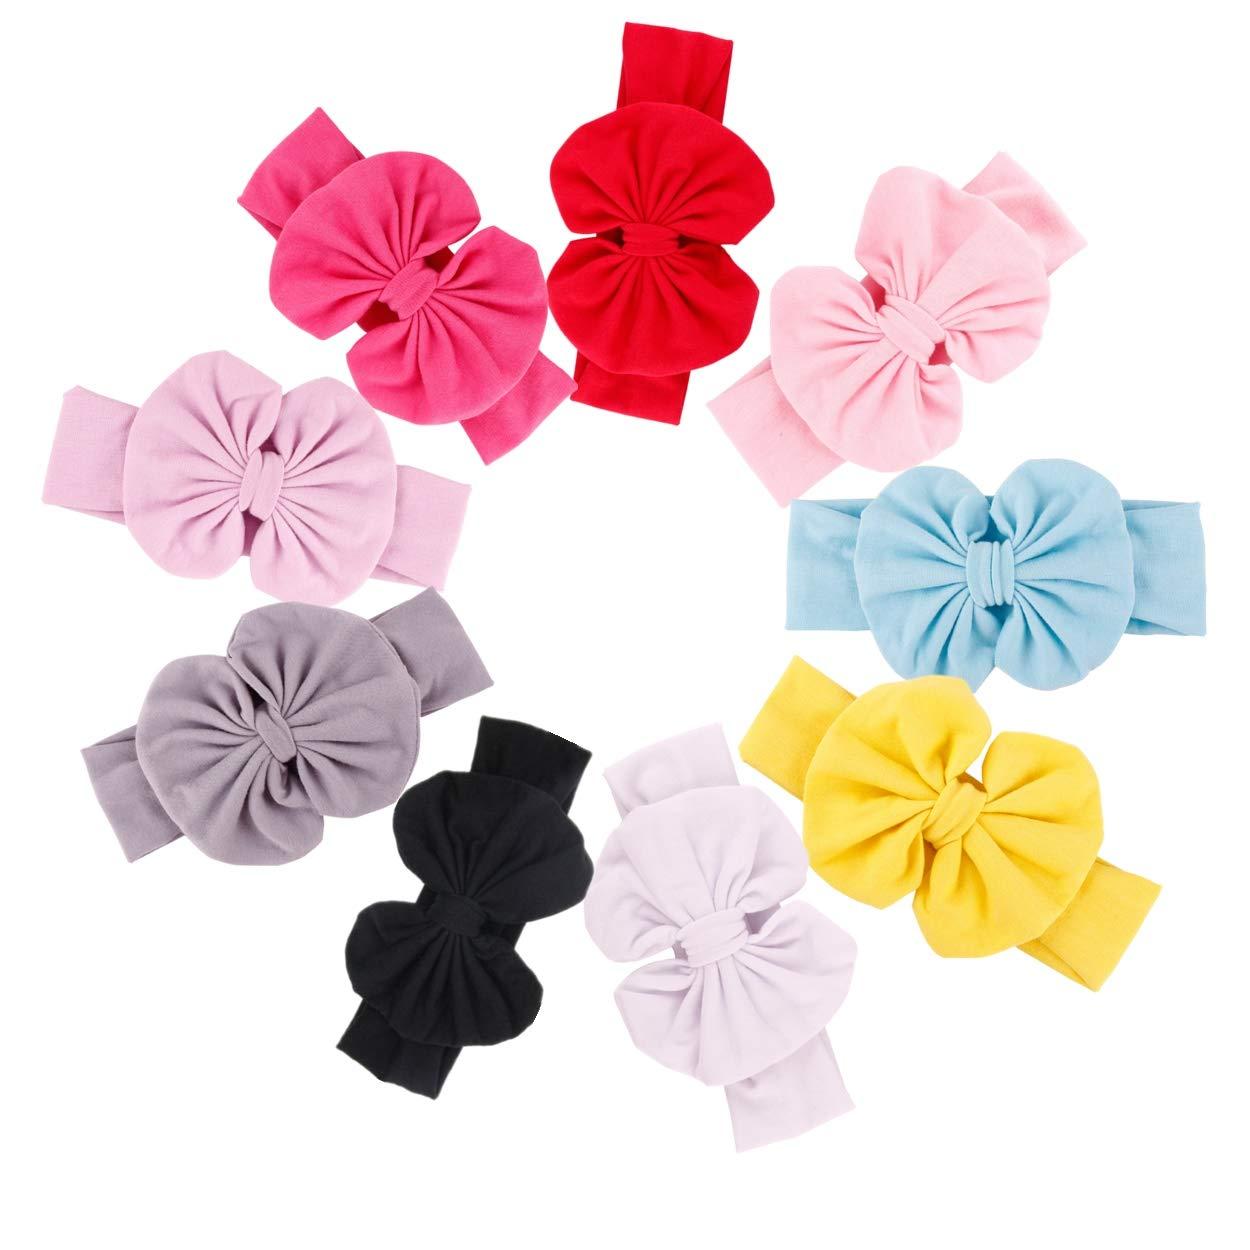 GUIFIER 9 PCS Bandeaux bébé fille avec des arcs Bandeau bébé fille en coton Turban Bandeau à nœud noué Arc à cheveux pour les bébés filles